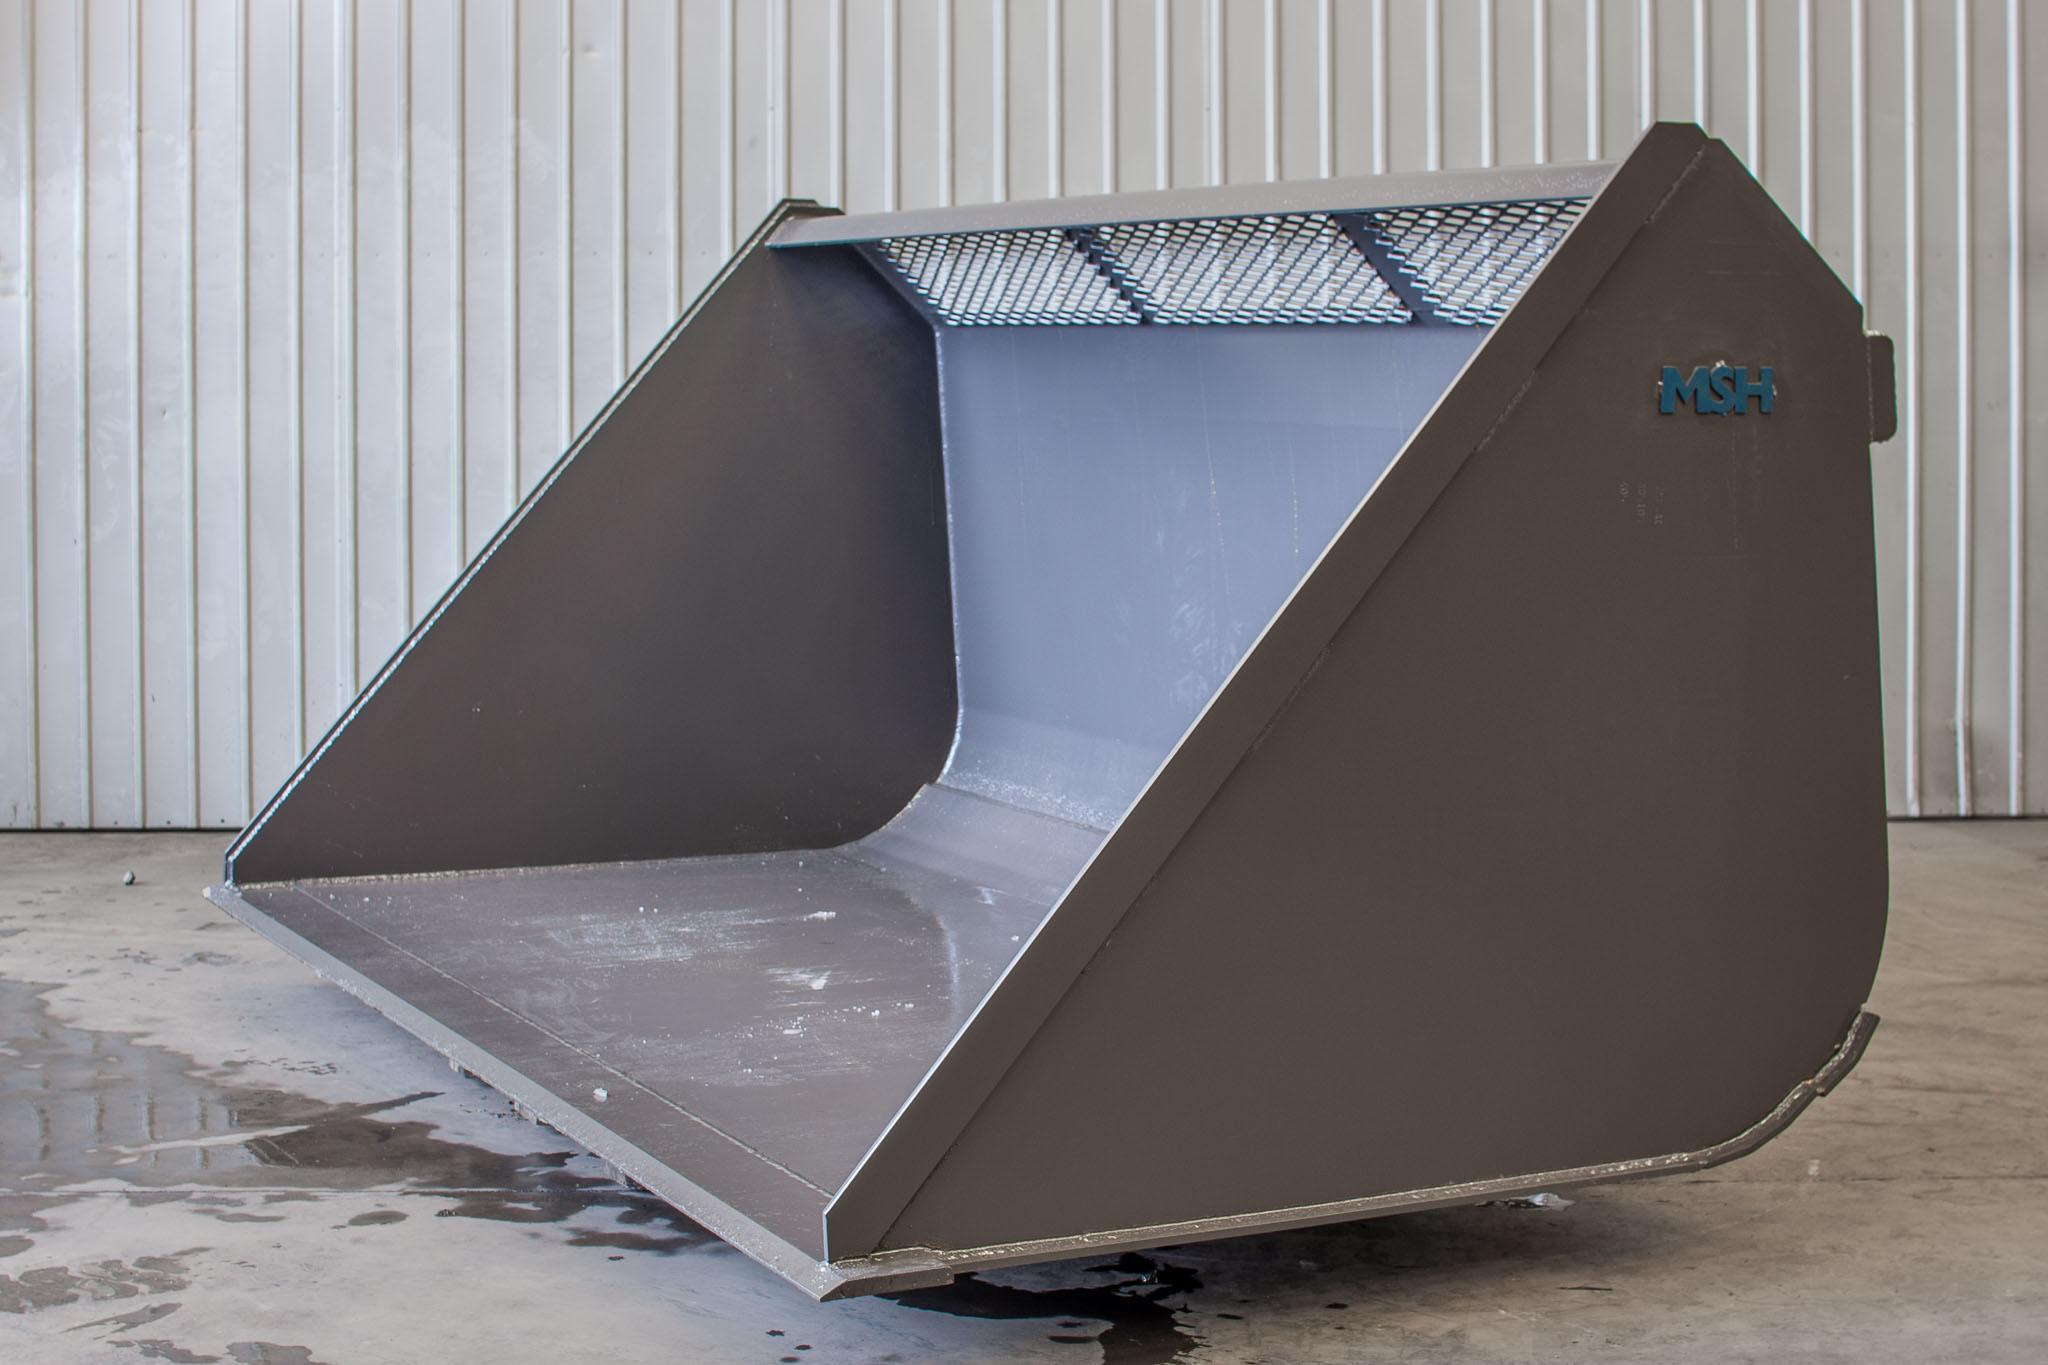 Mekosvets - Entreprenadmaskiner - Grävmaskin - Hjullastare - Lastmaskin - Lättmaterialskopa - Snöskopa